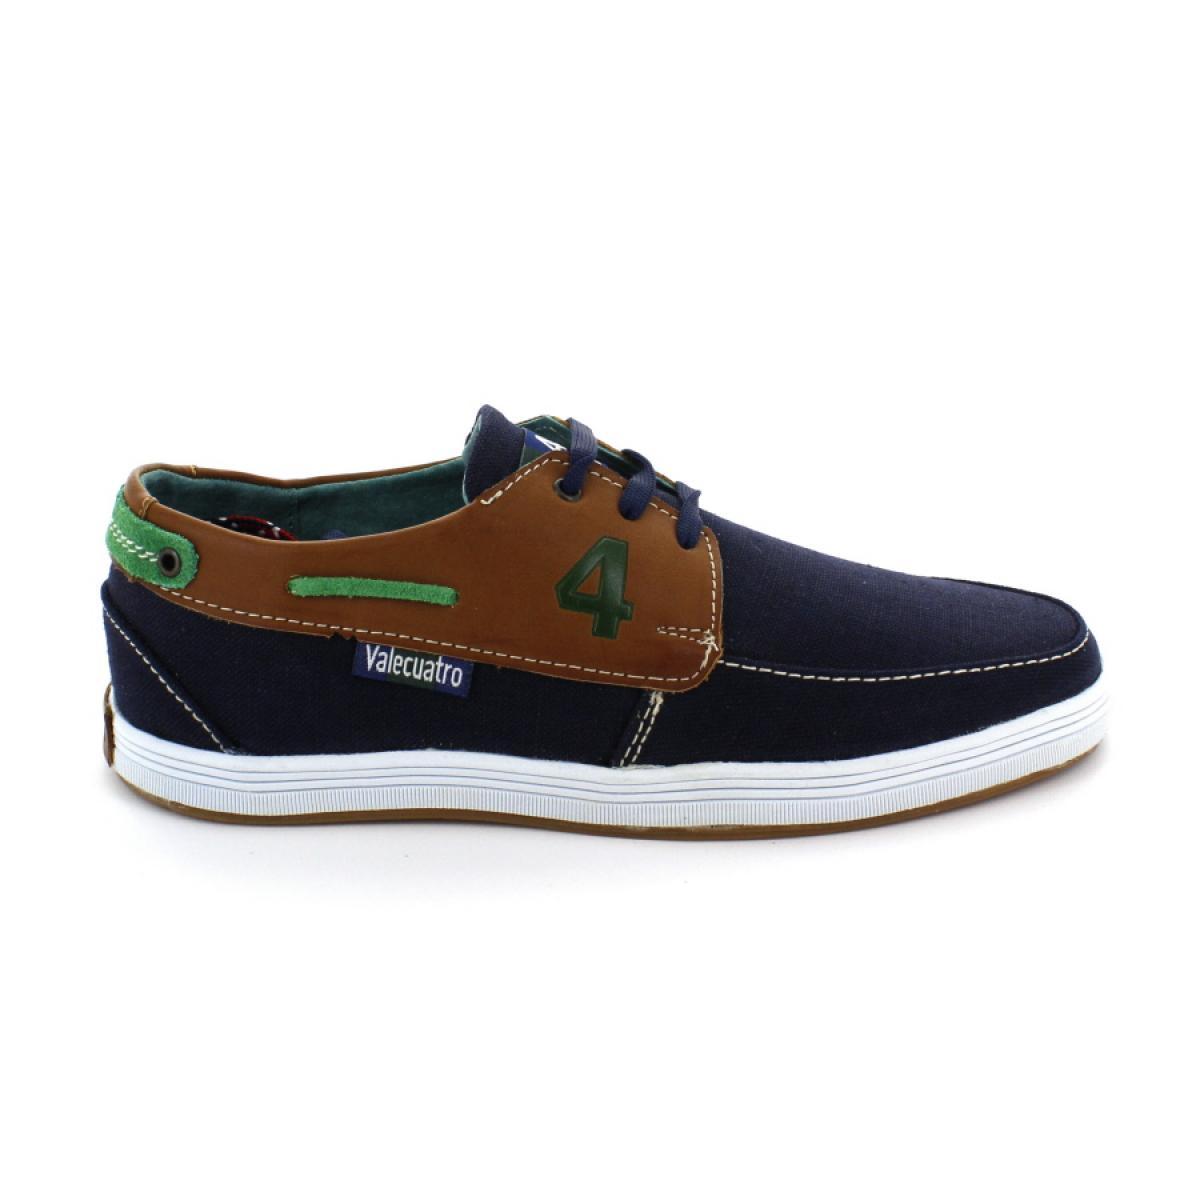 Valecuatro Vc Color Azul 6204 Marca Zapato Modelo dtsQrCh